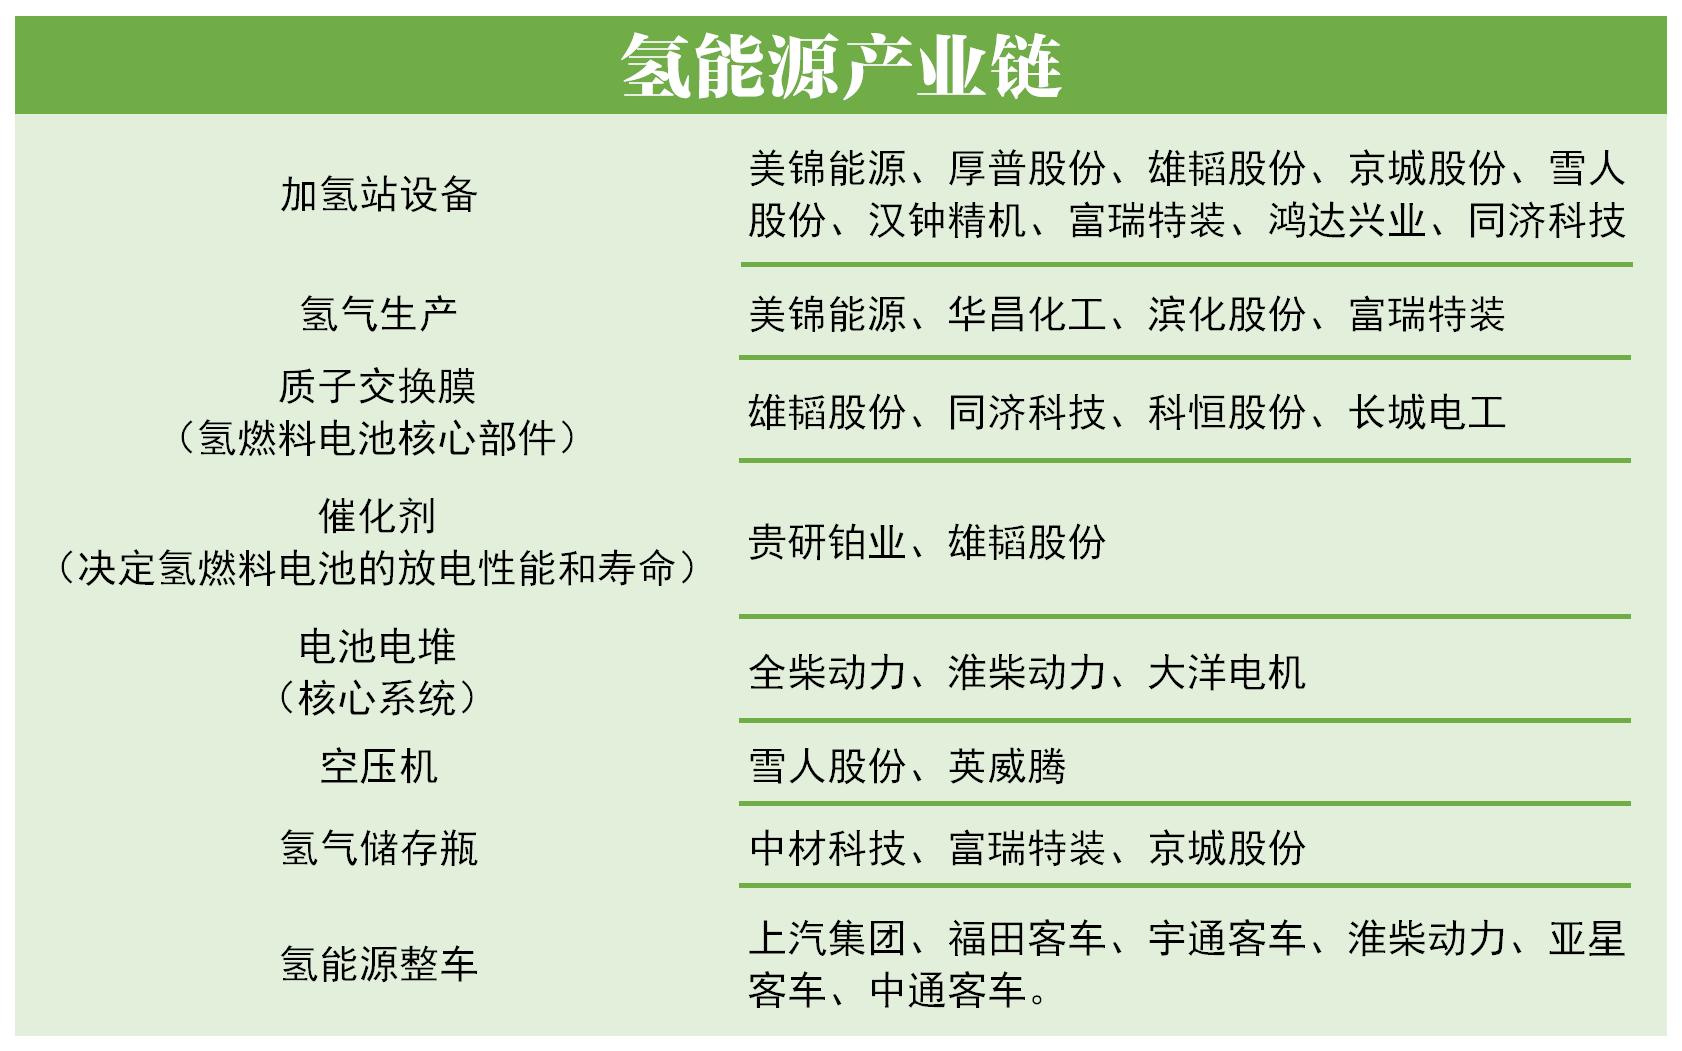 《【杏耀注册地址】多省将氢能纳入十四五规划 产业迎黄金发展期》